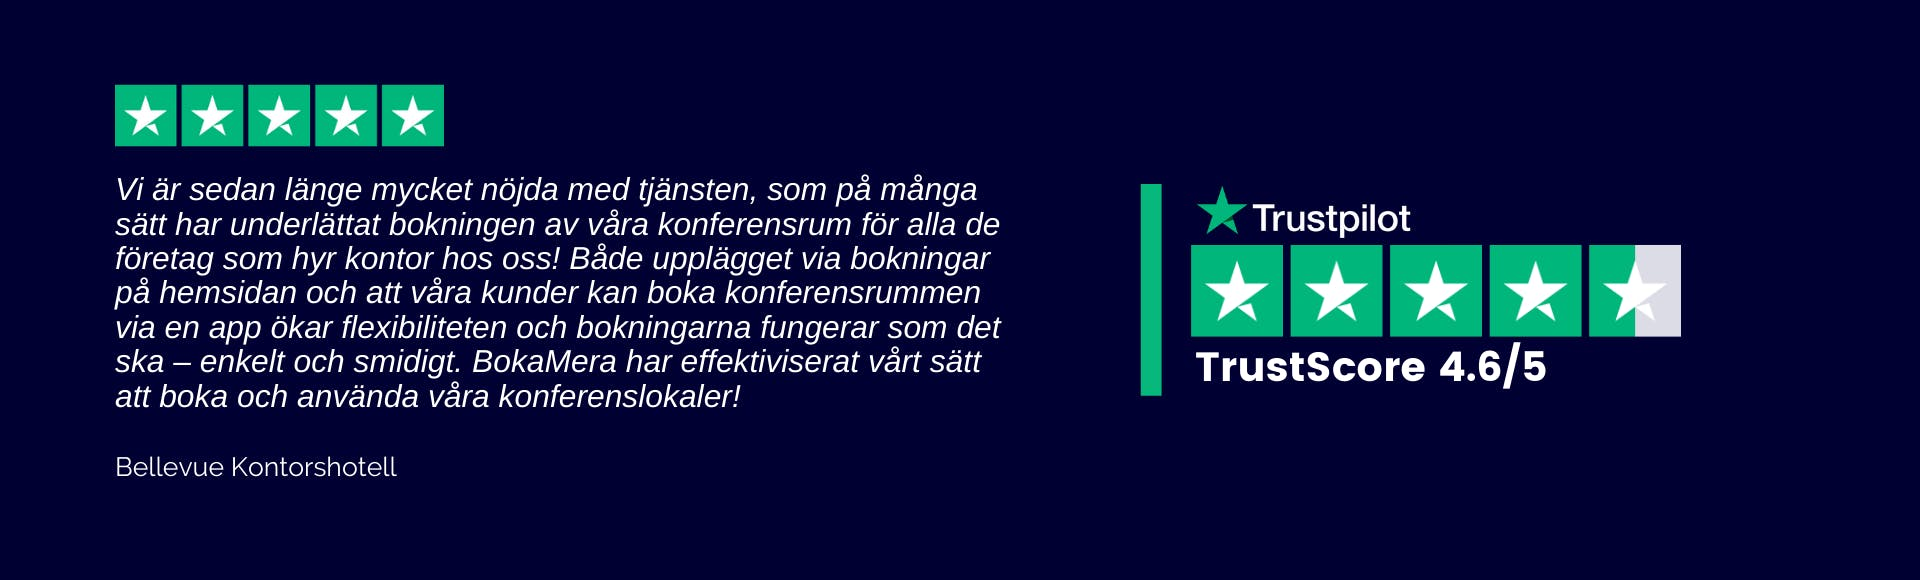 Trustpilot BokaMera och kontorshotell